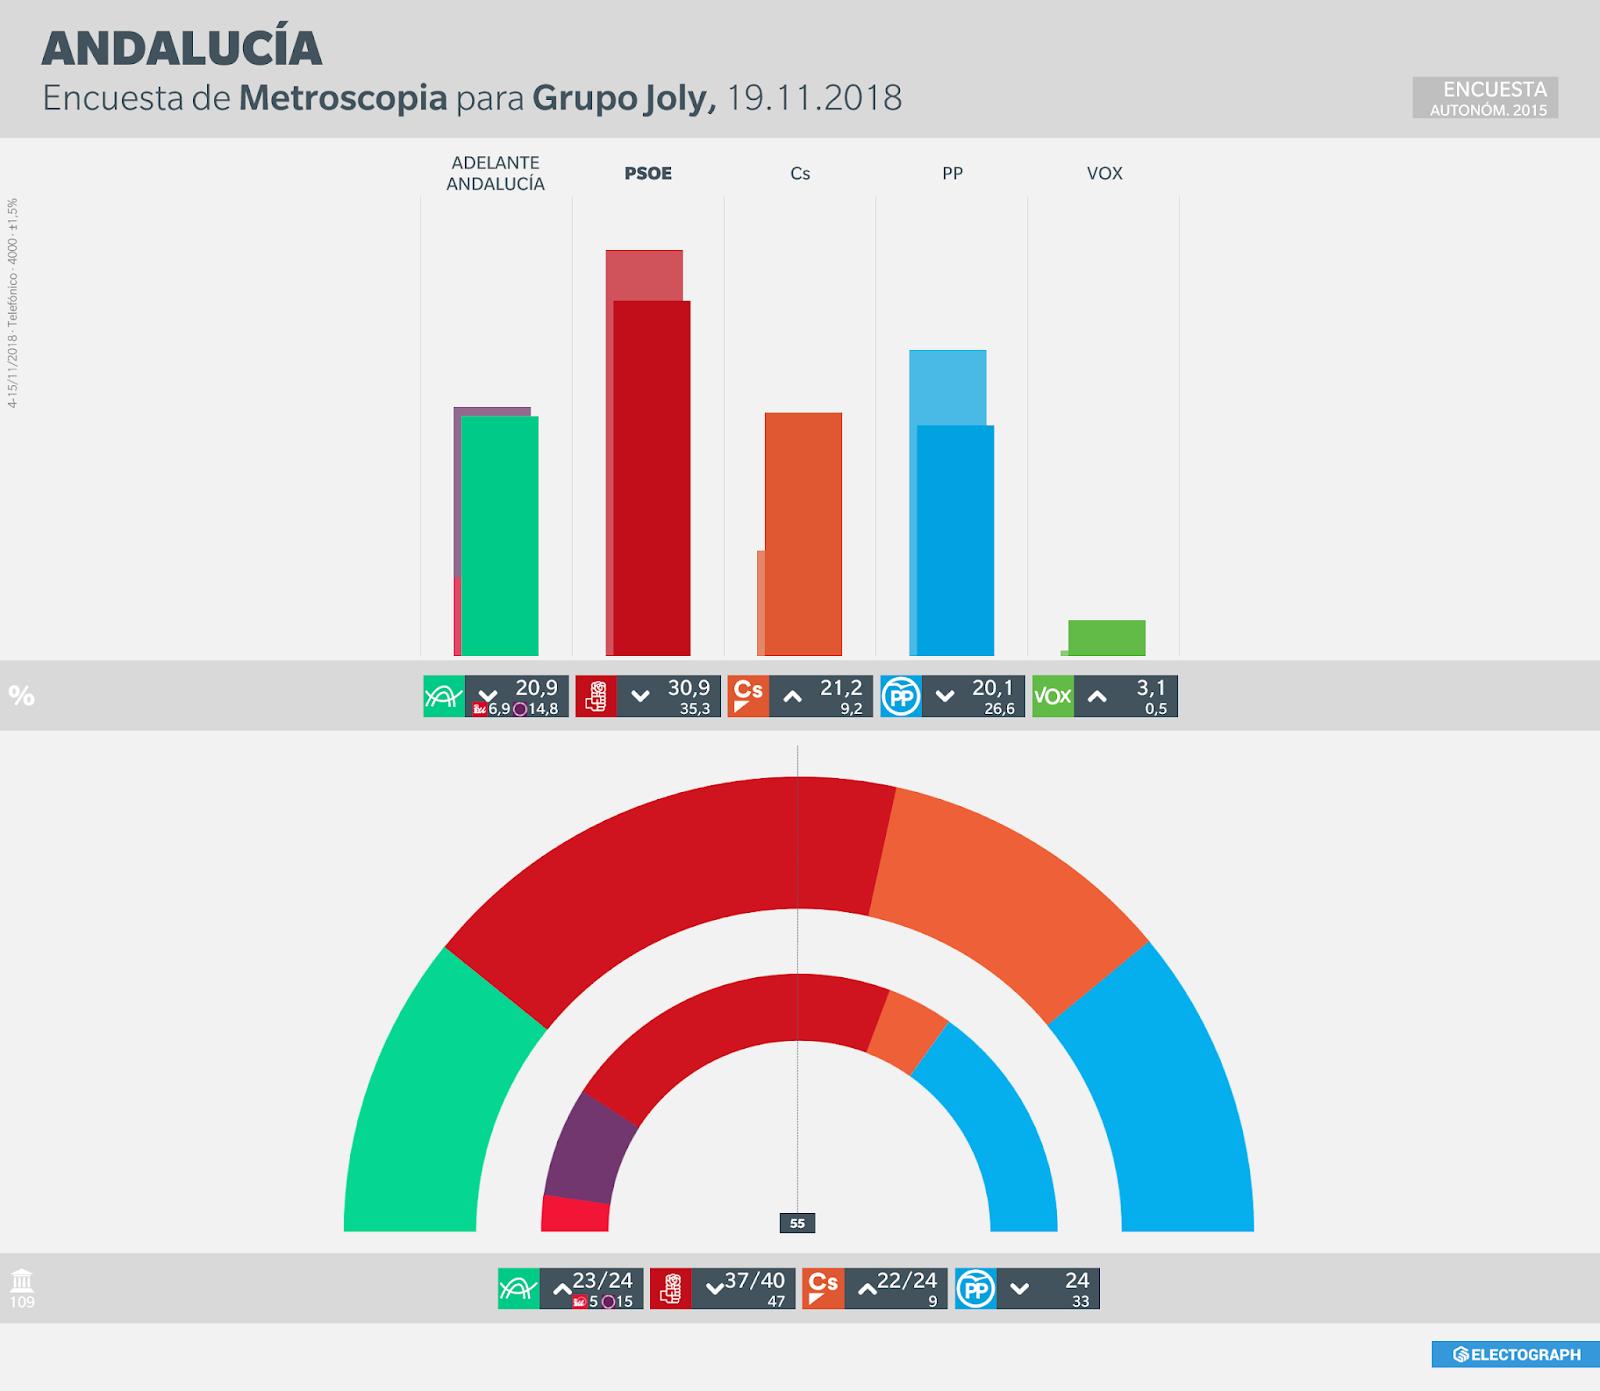 Gráfico de la encuesta para elecciones autonómicas en Andalucía realizada por Metroscopia en noviembre de 2018